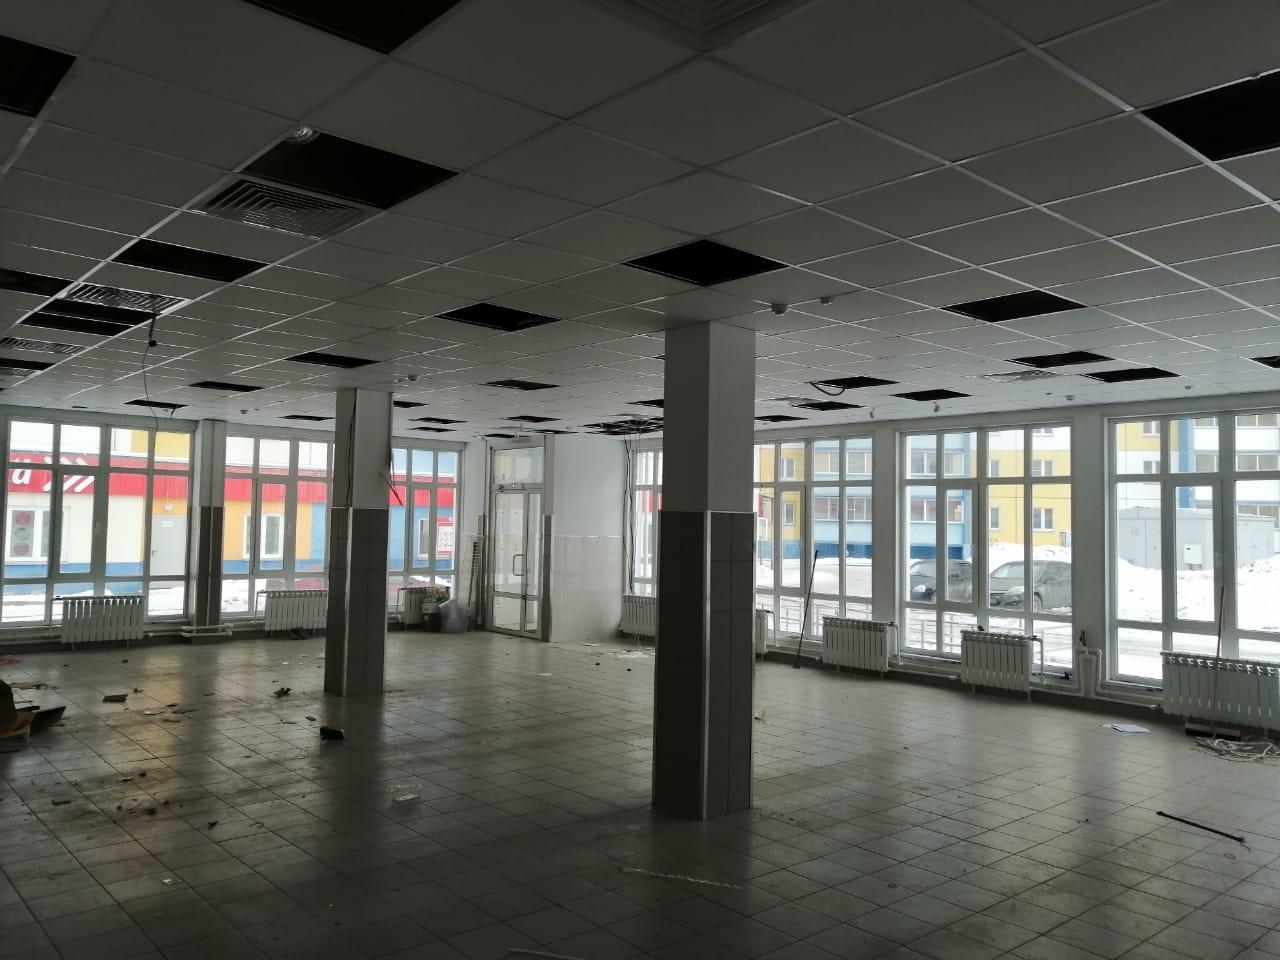 Retail в аренду по адресу Россия, Челябинская область, Челябинск, Белопольского ул., д. 4